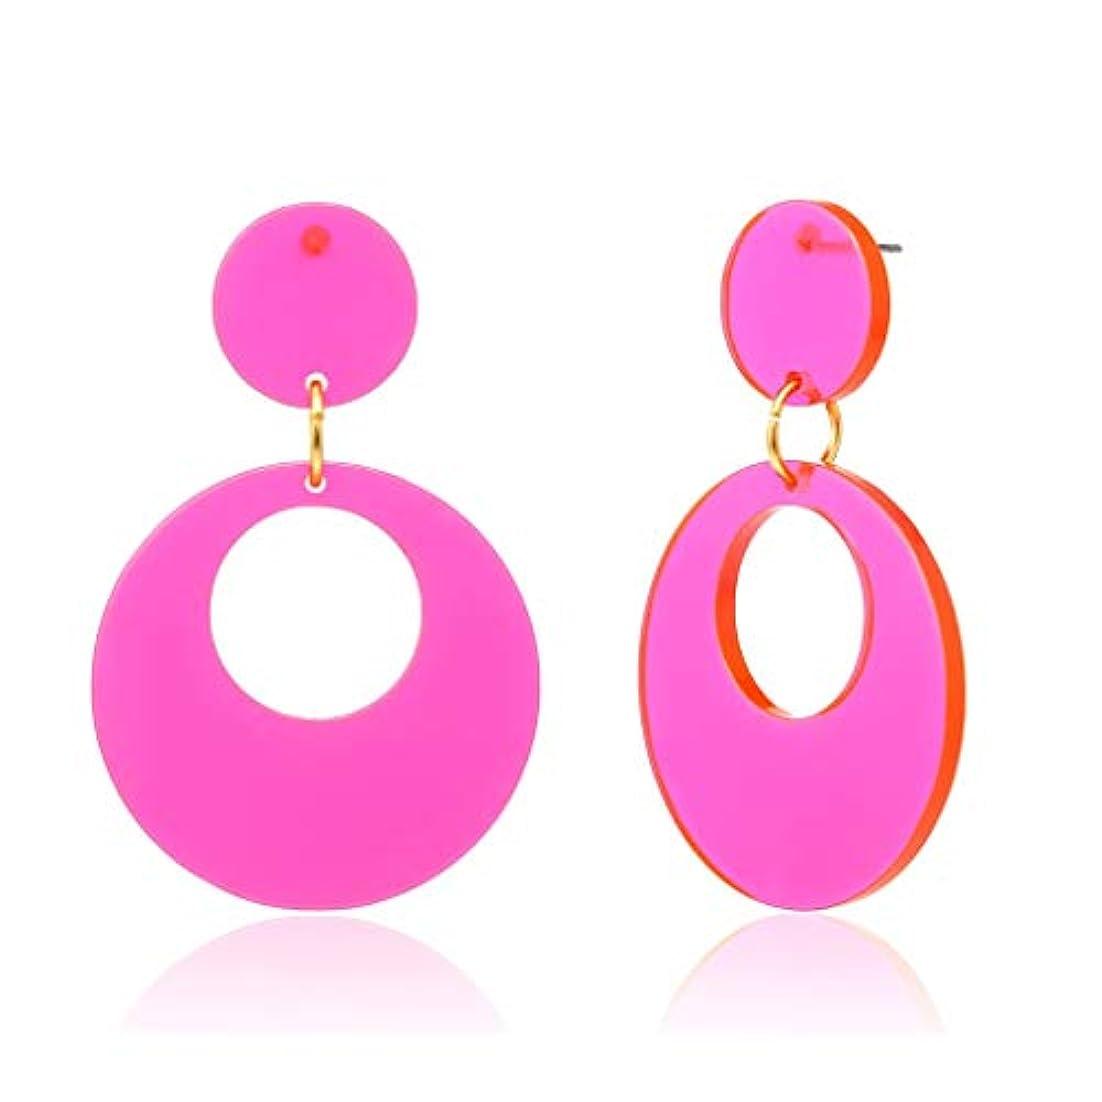 知らせる真珠のような普通のDream イヤリング レディース リングピアス ノンホール フープ フェイクピアス ボヘミアンスタイル (ピンク)